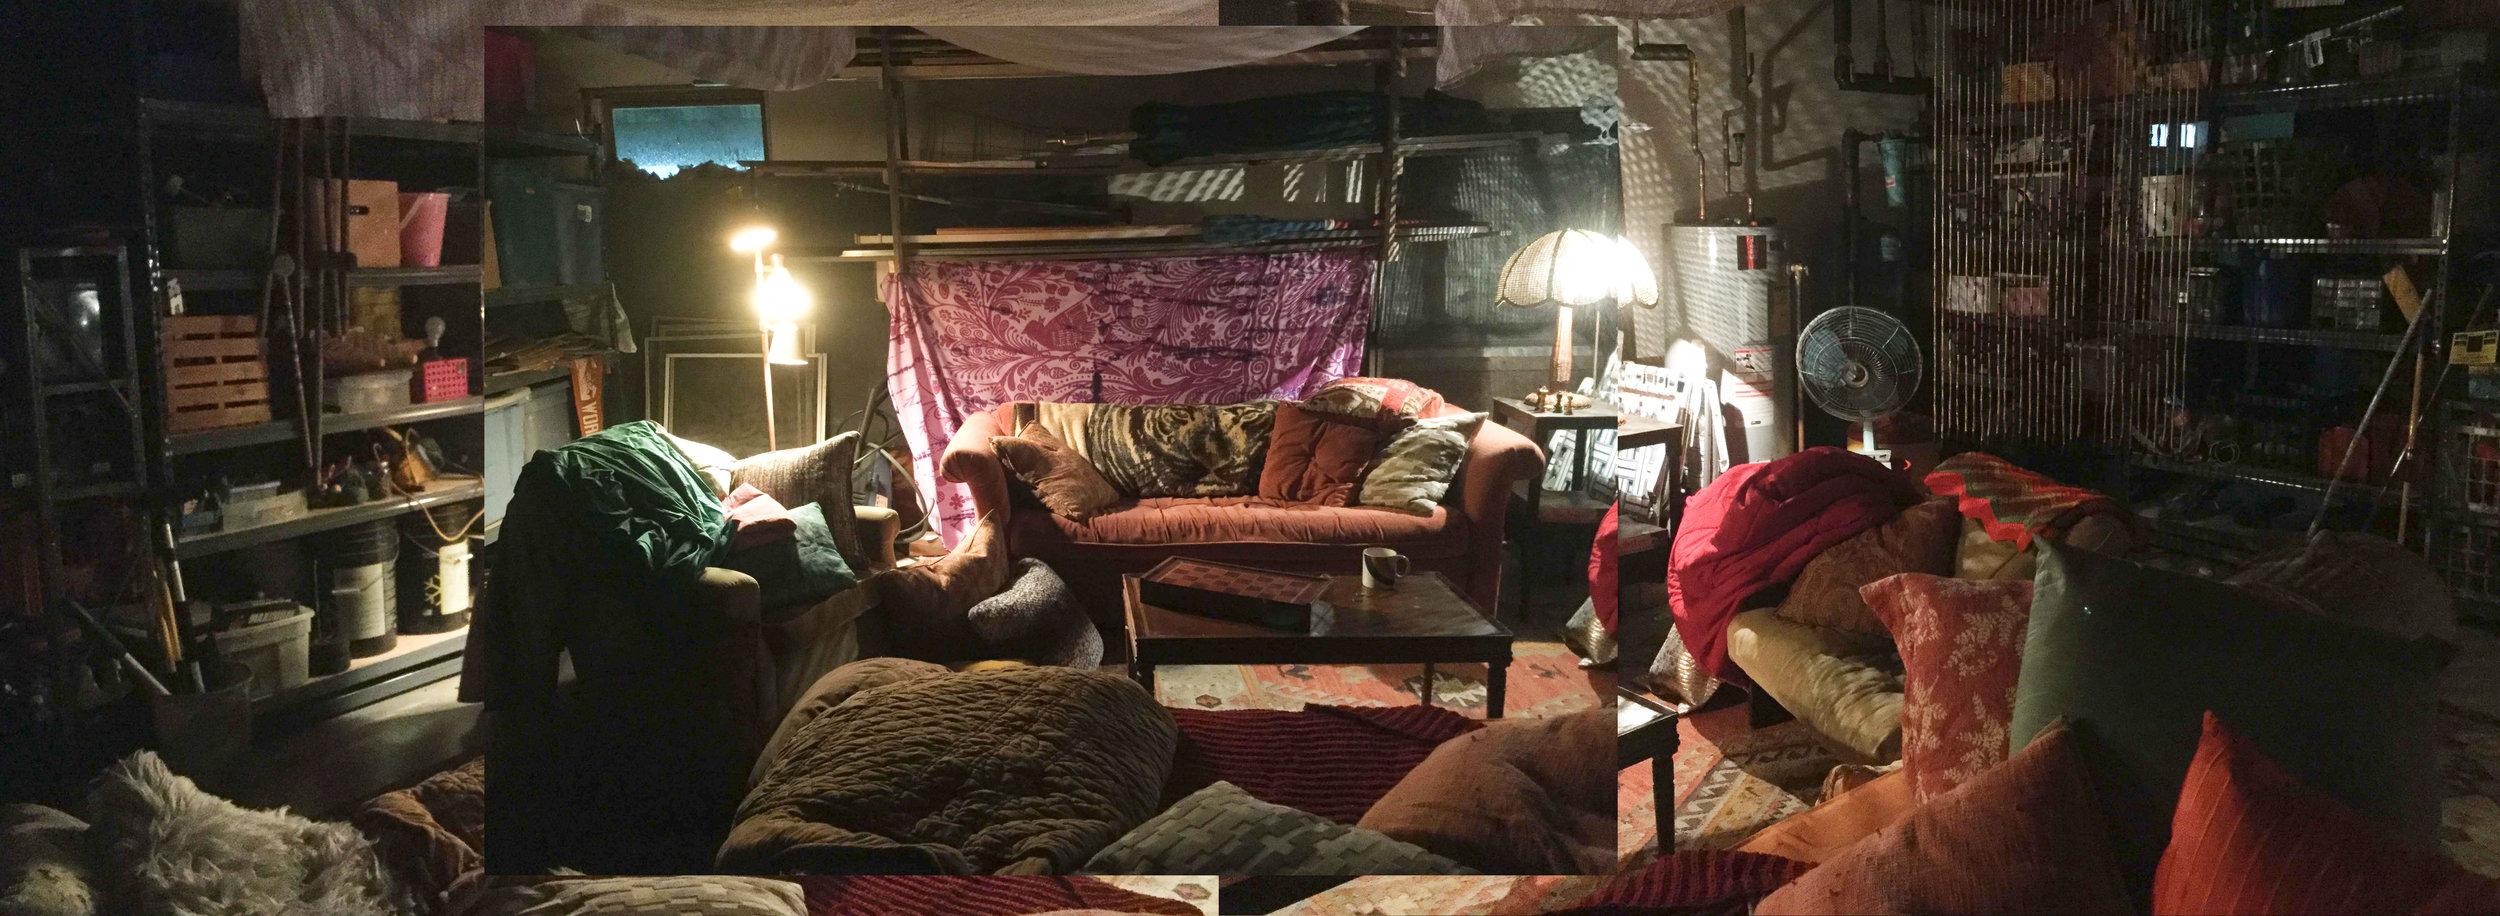 katie's bedroom pano.copy.jpg